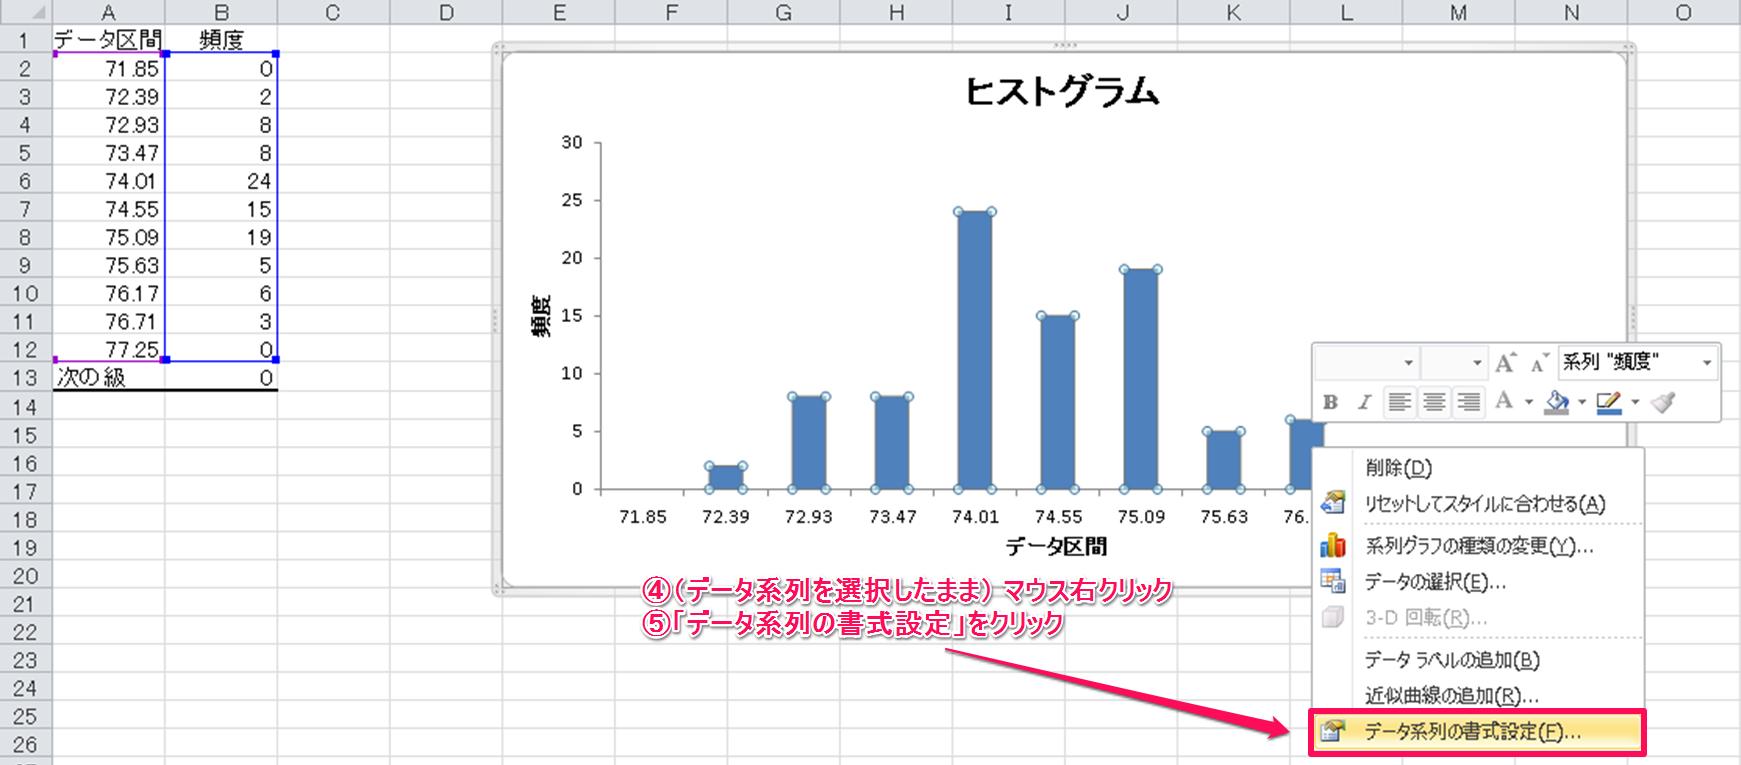 Excel2010の「分析ツール」アドインでヒストグラムを作成する ...